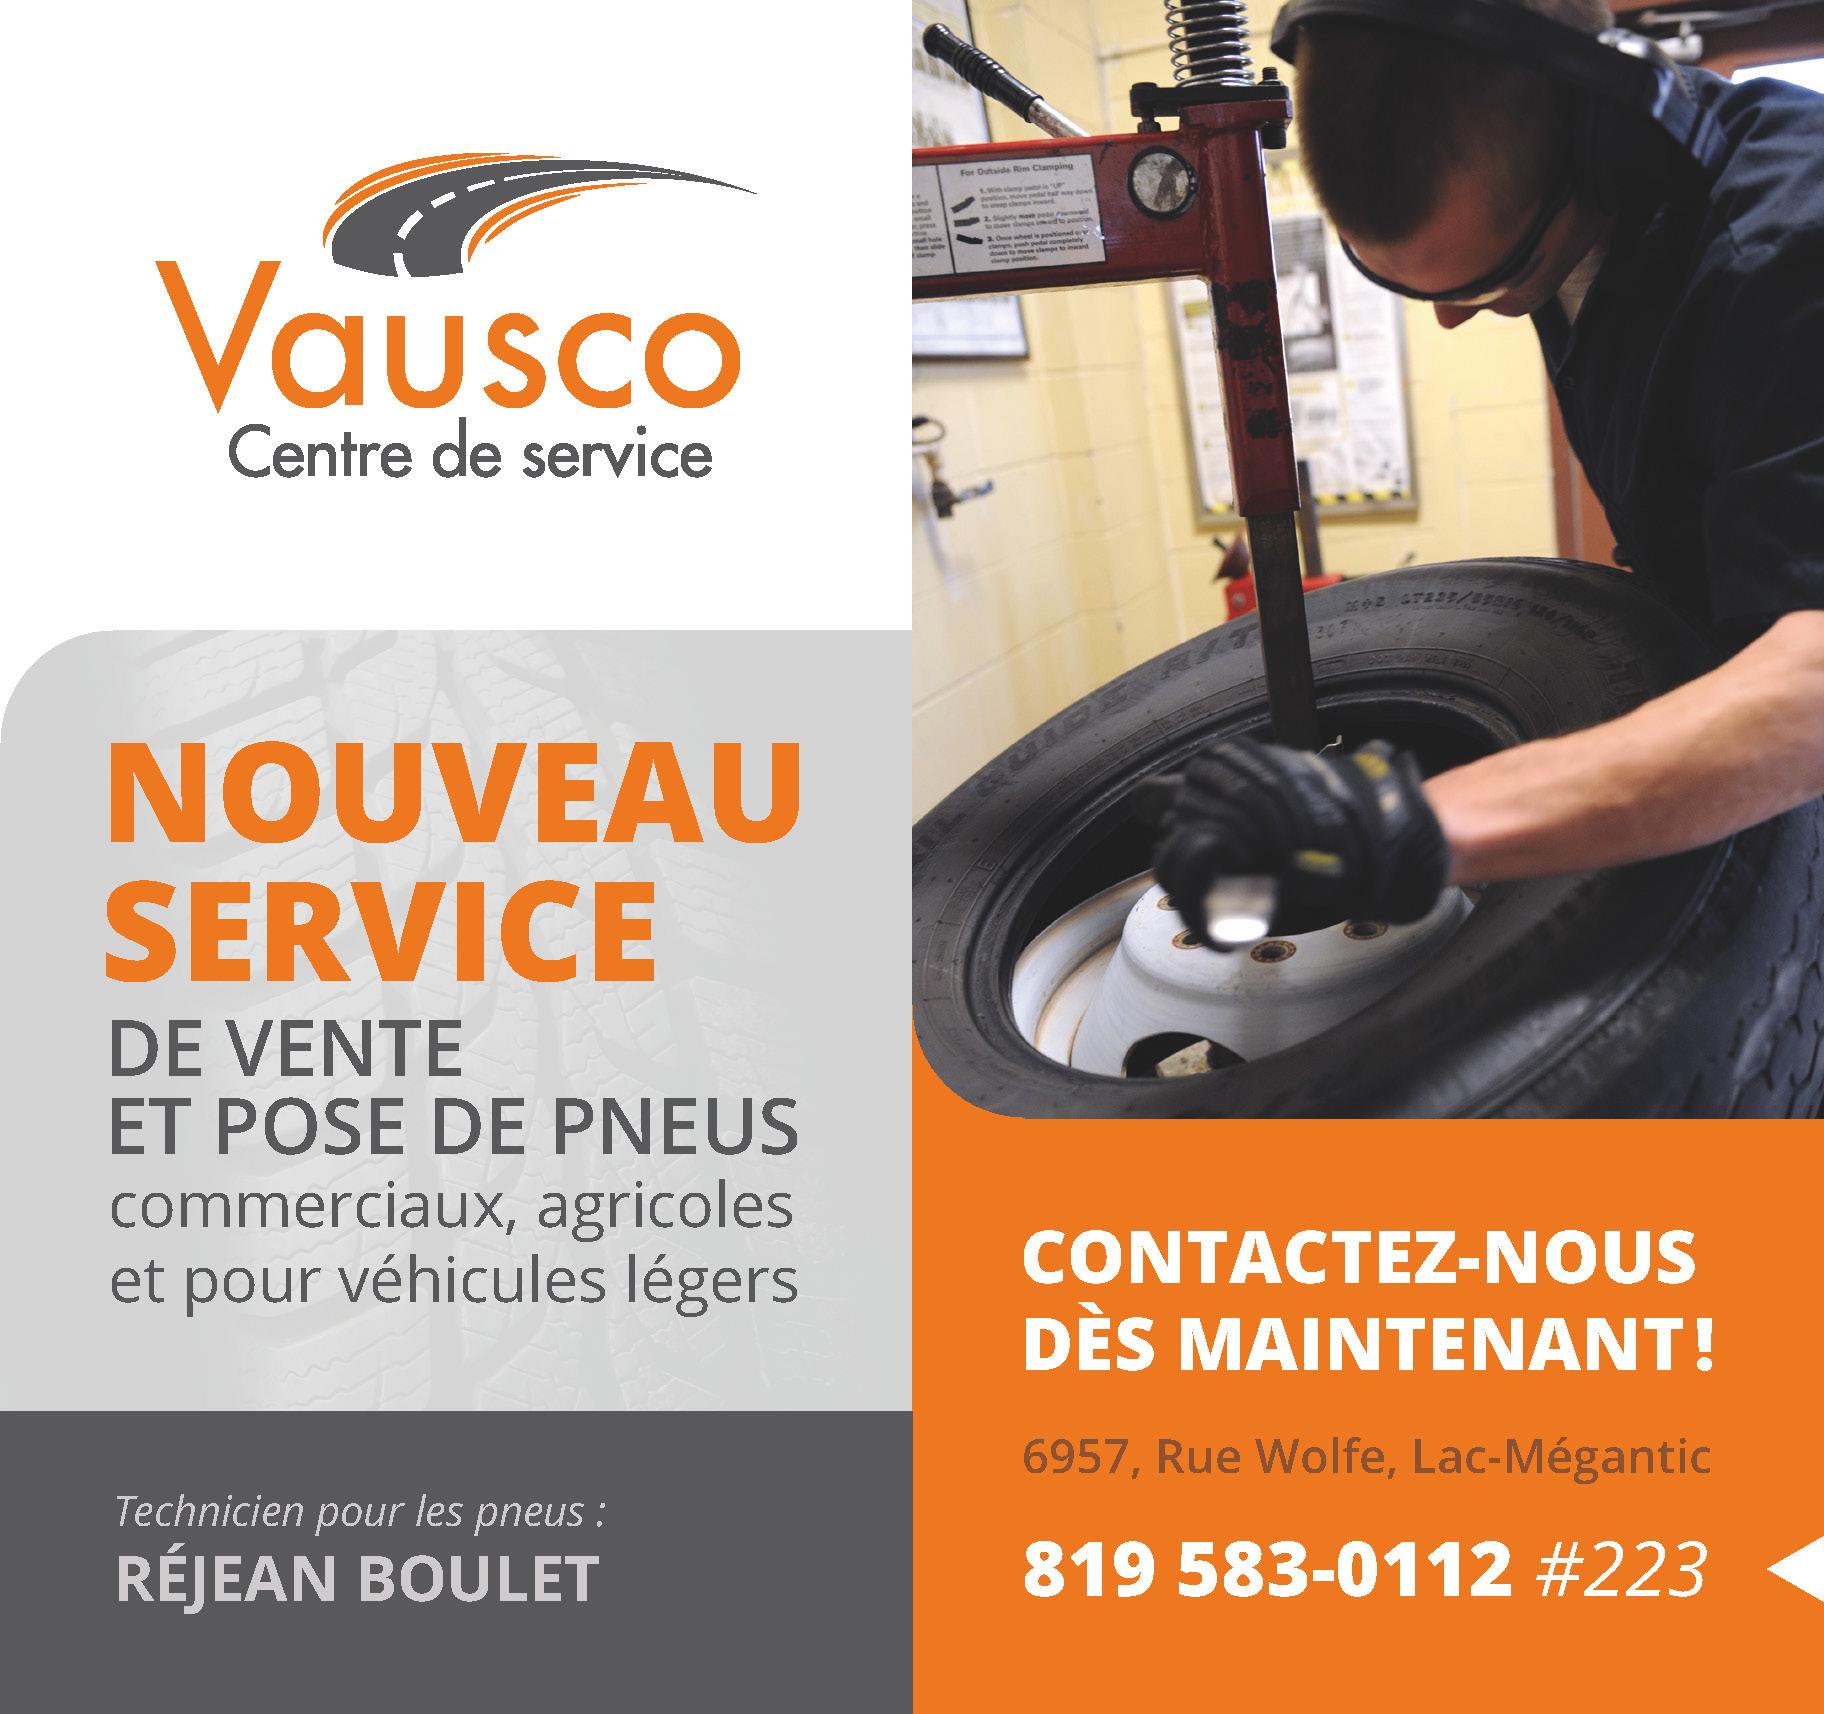 Vausco_Nouveau_Service